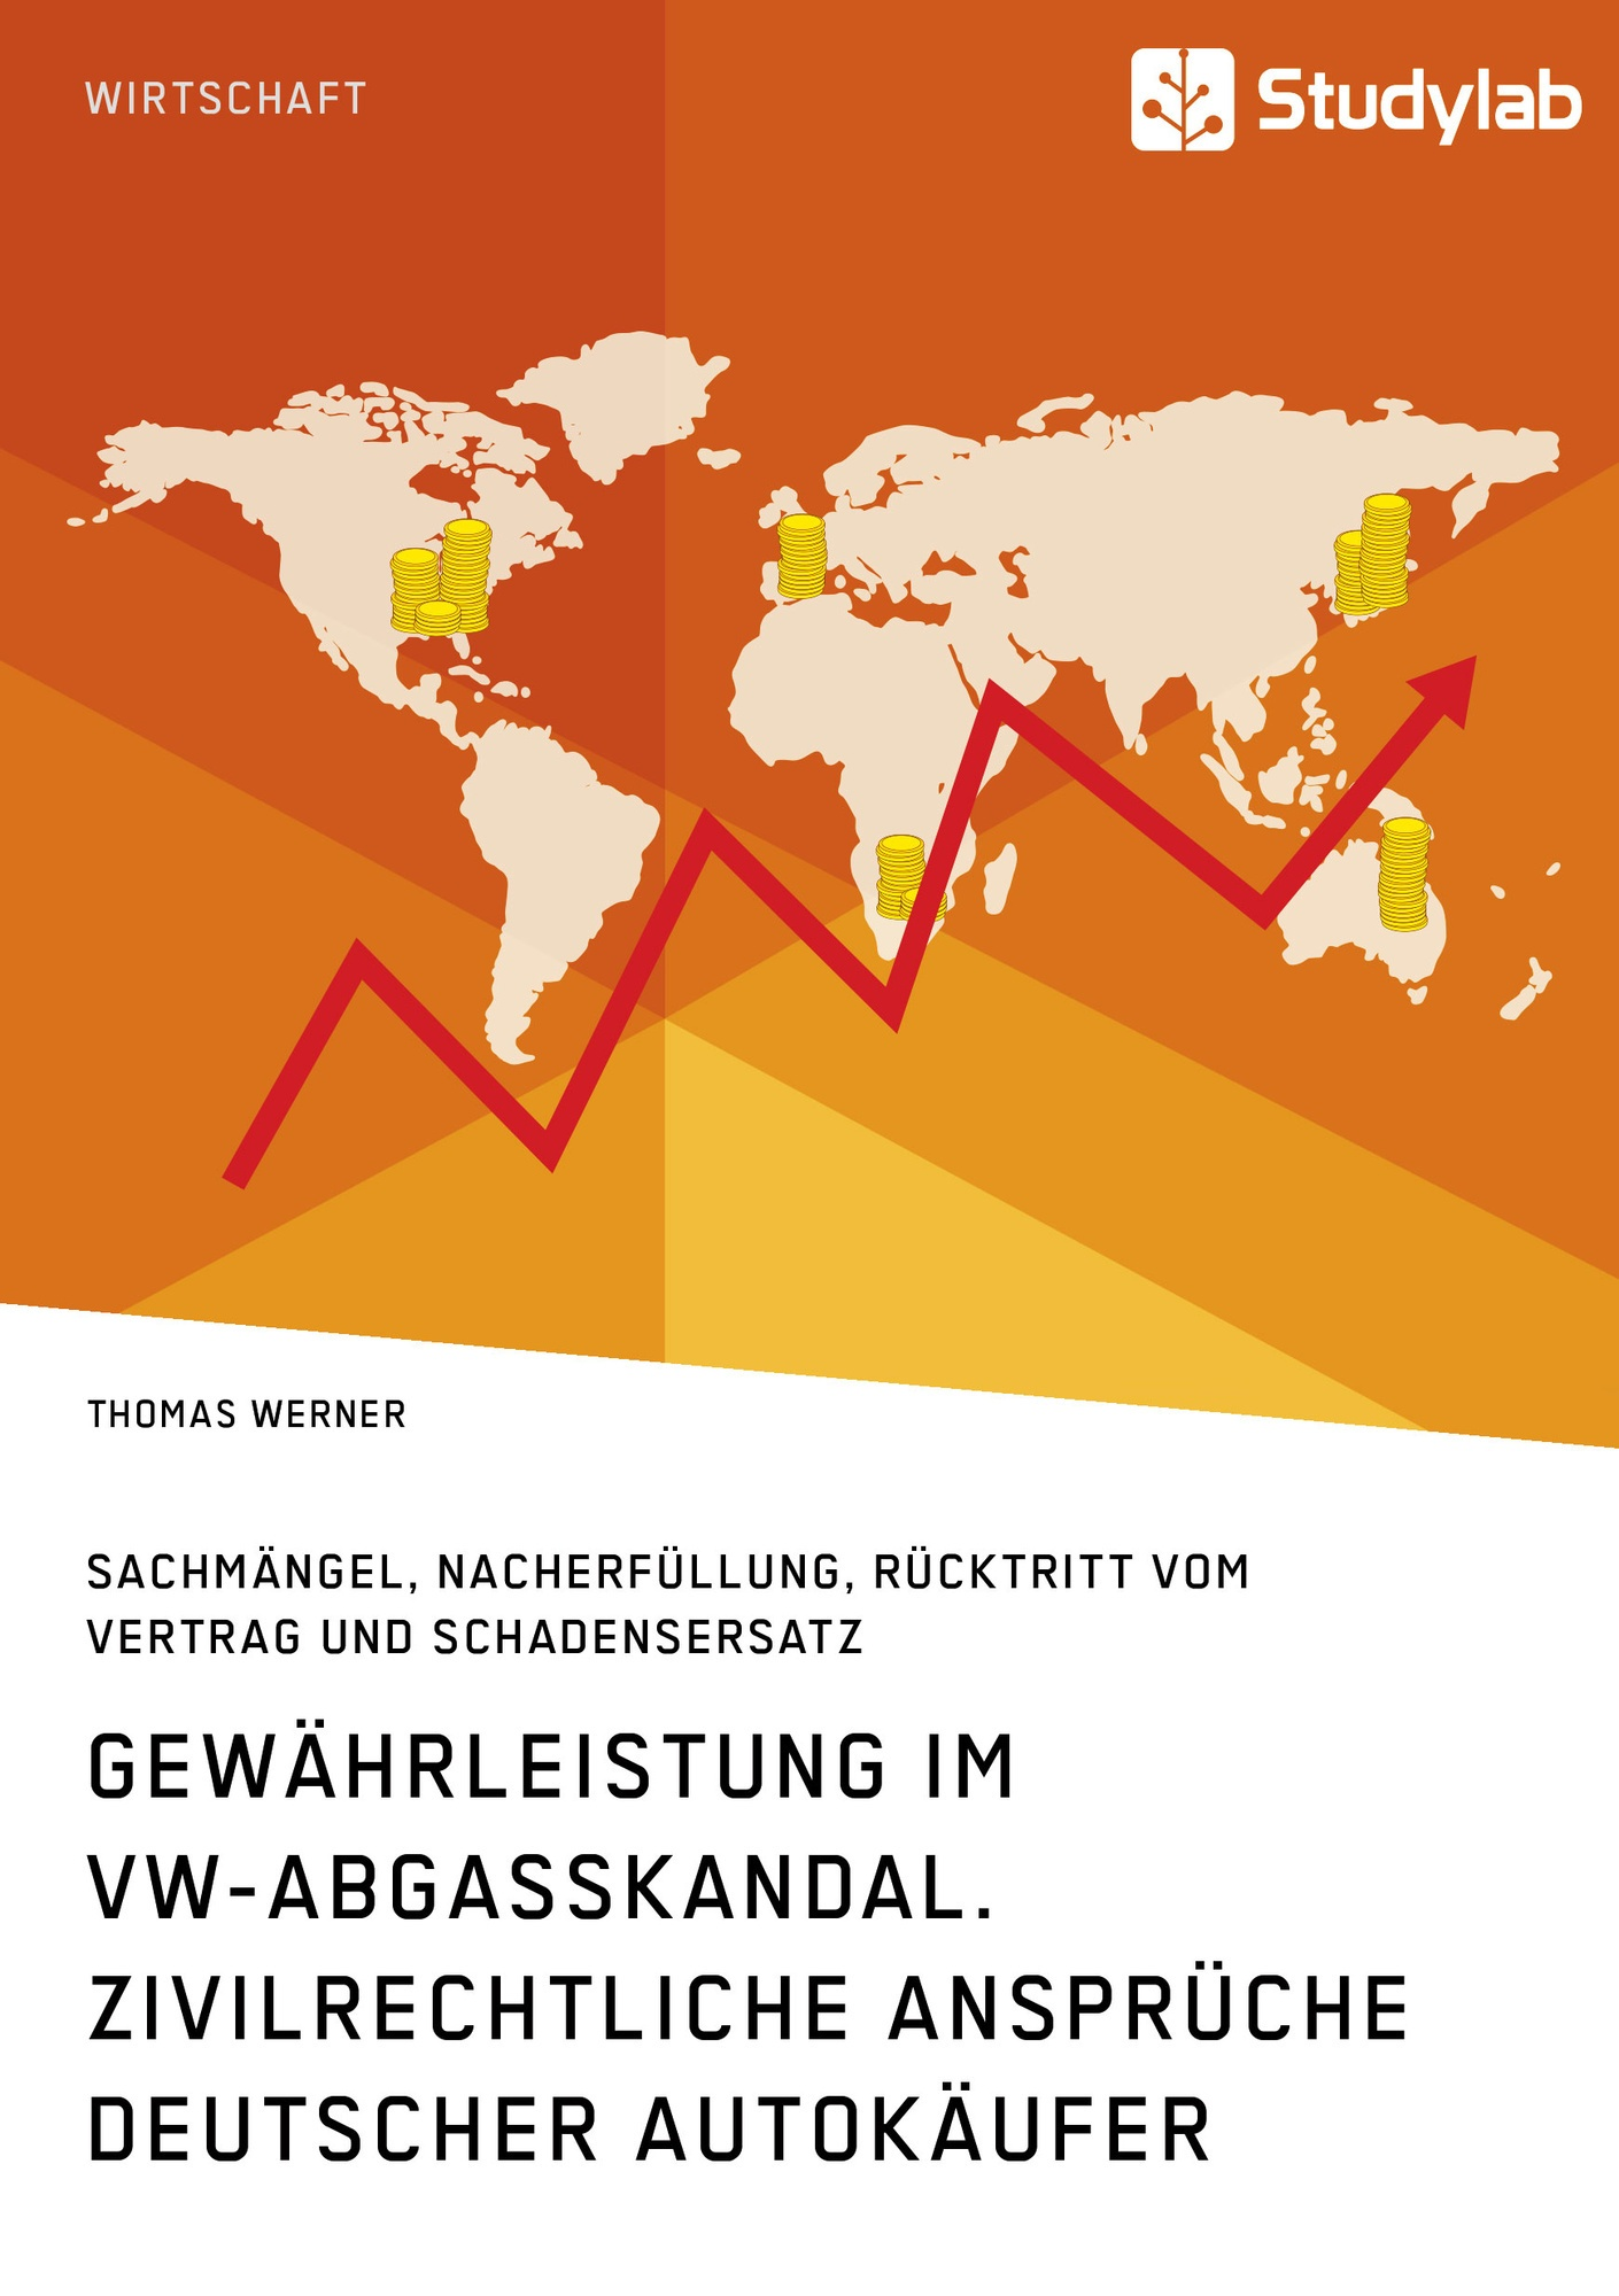 Titel: Gewährleistung im VW-Abgasskandal. Zivilrechtliche Ansprüche deutscher Autokäufer